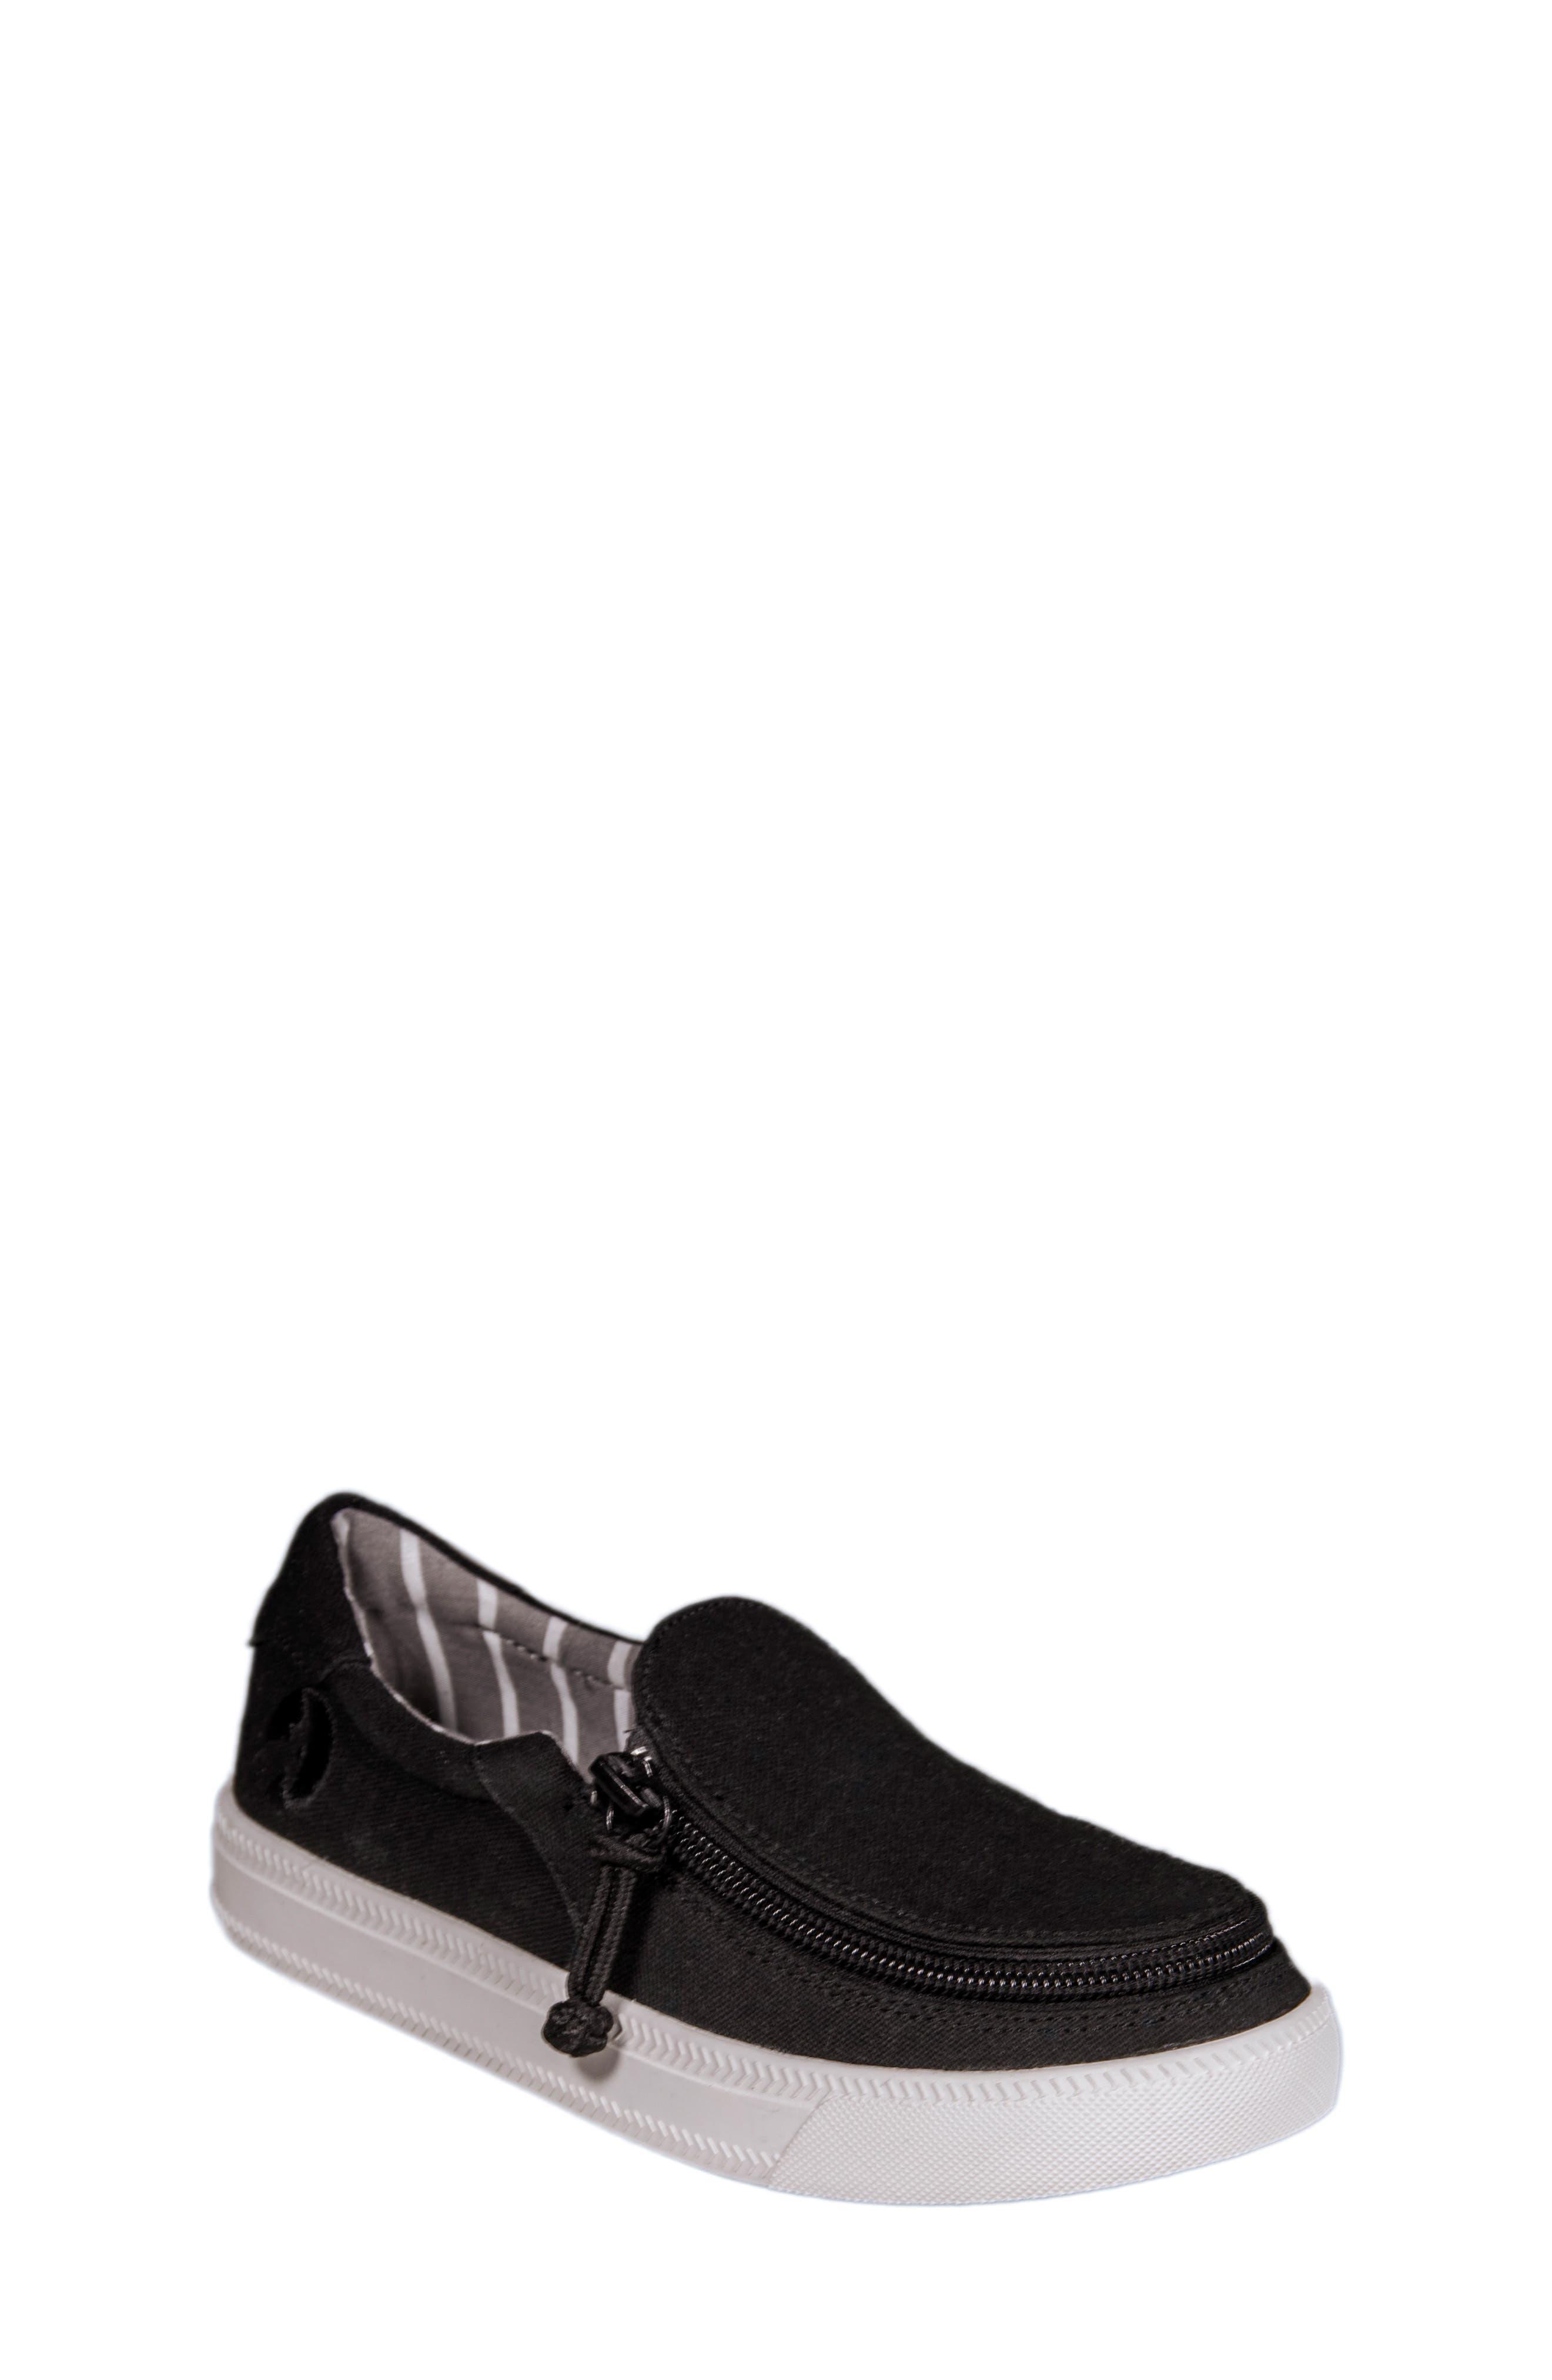 Alternate Image 1 Selected - BILLY Footwear Zip Around Low Top Sneaker (Toddler, Little Kid & Big Kid)